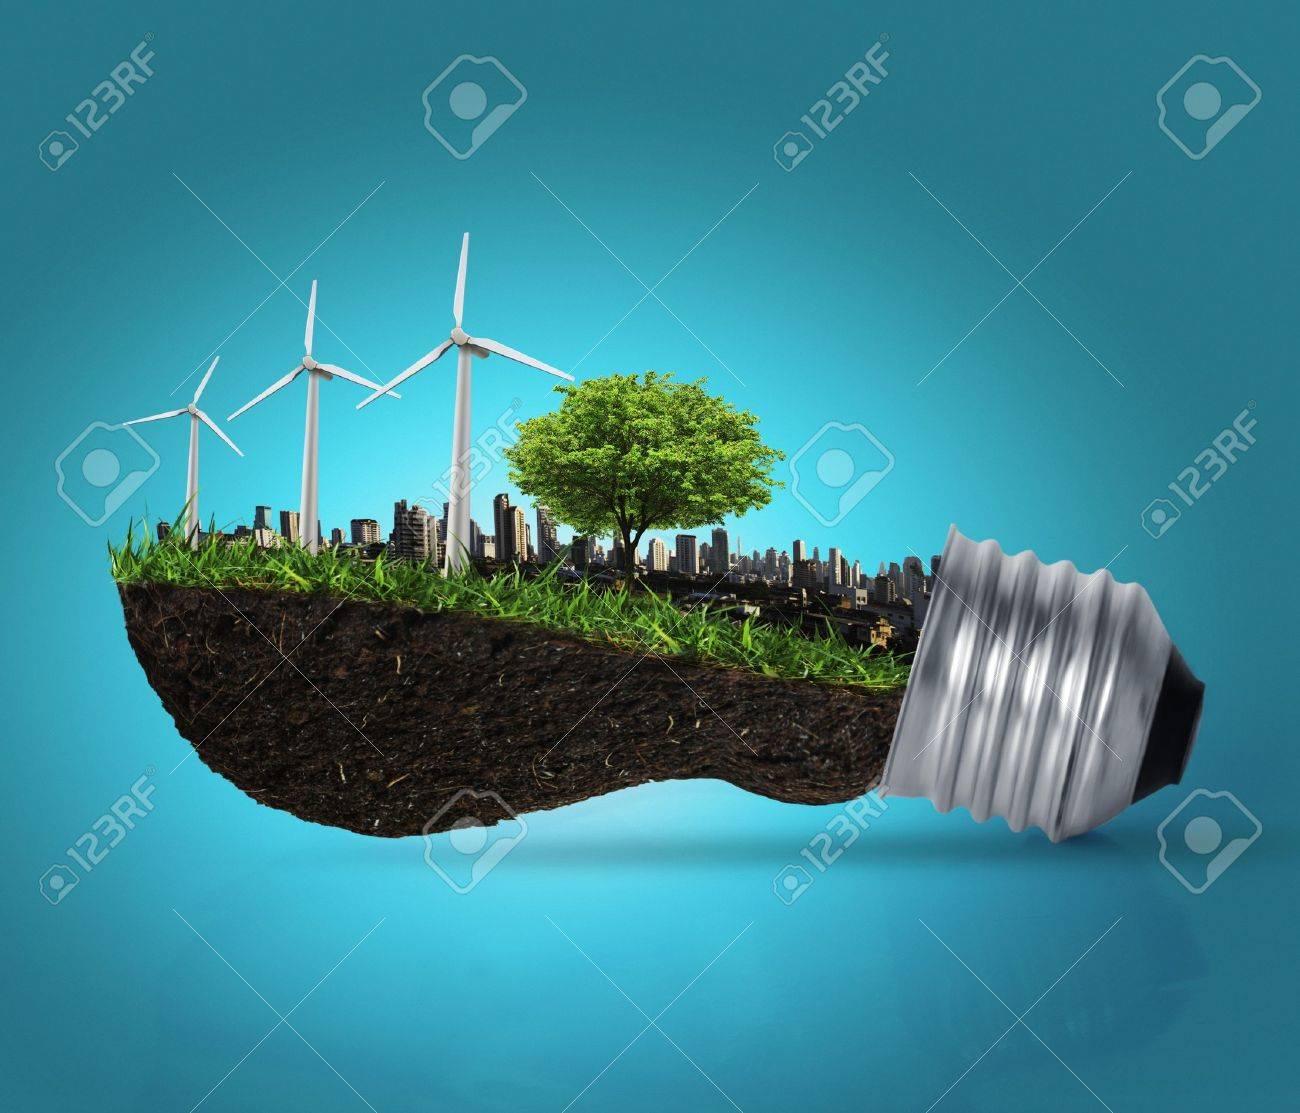 Idea ,light bulb - 11236468